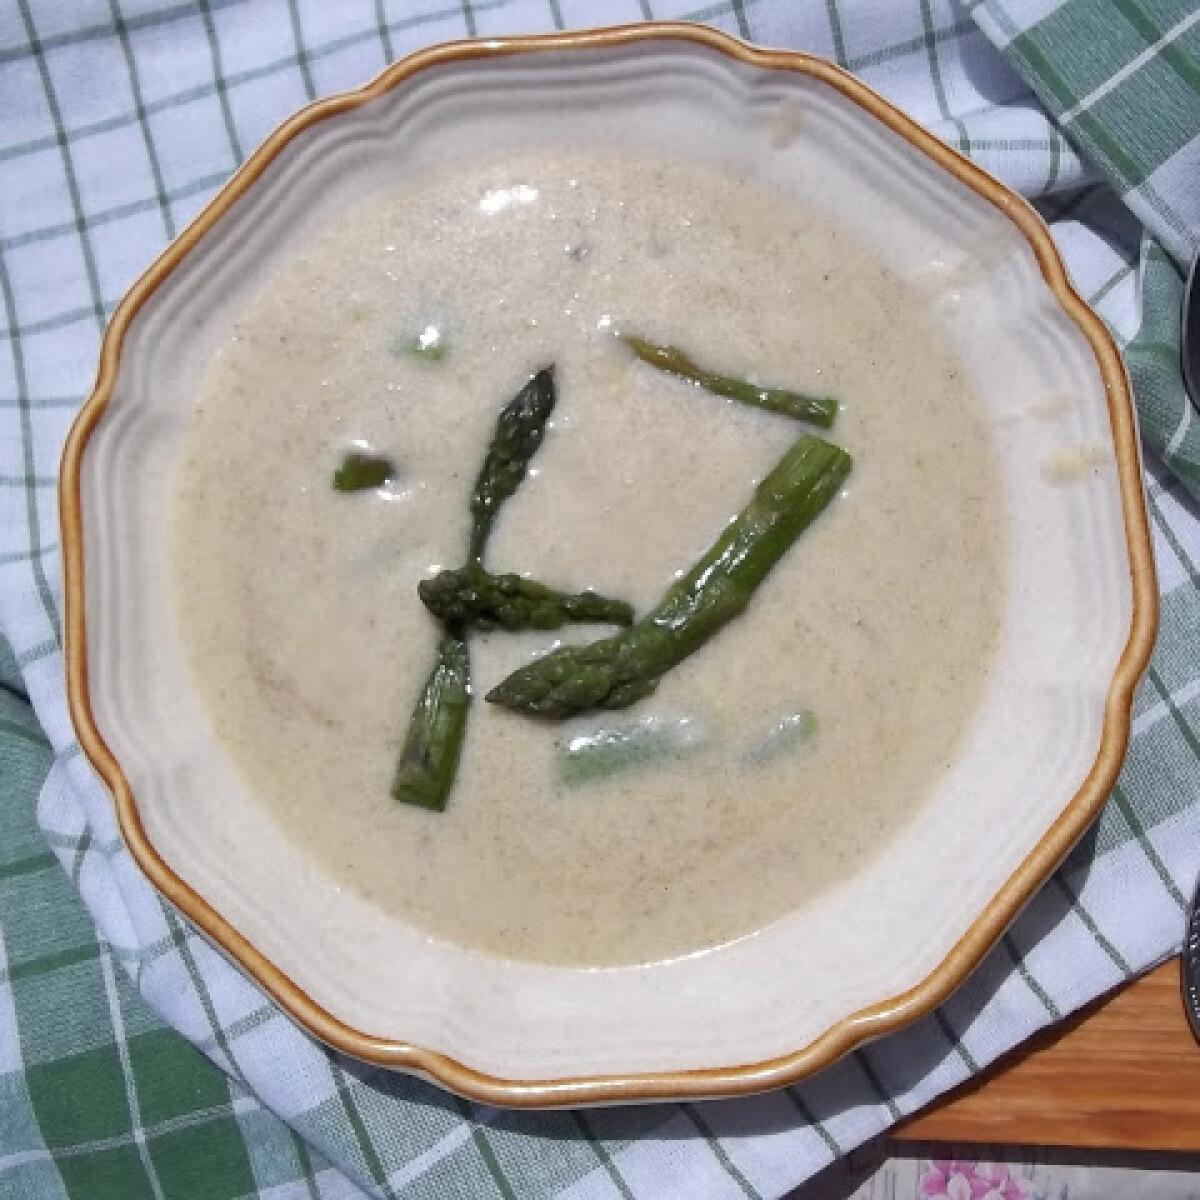 Ezen a képen: Sajtleves zöldspárgával fehérborral